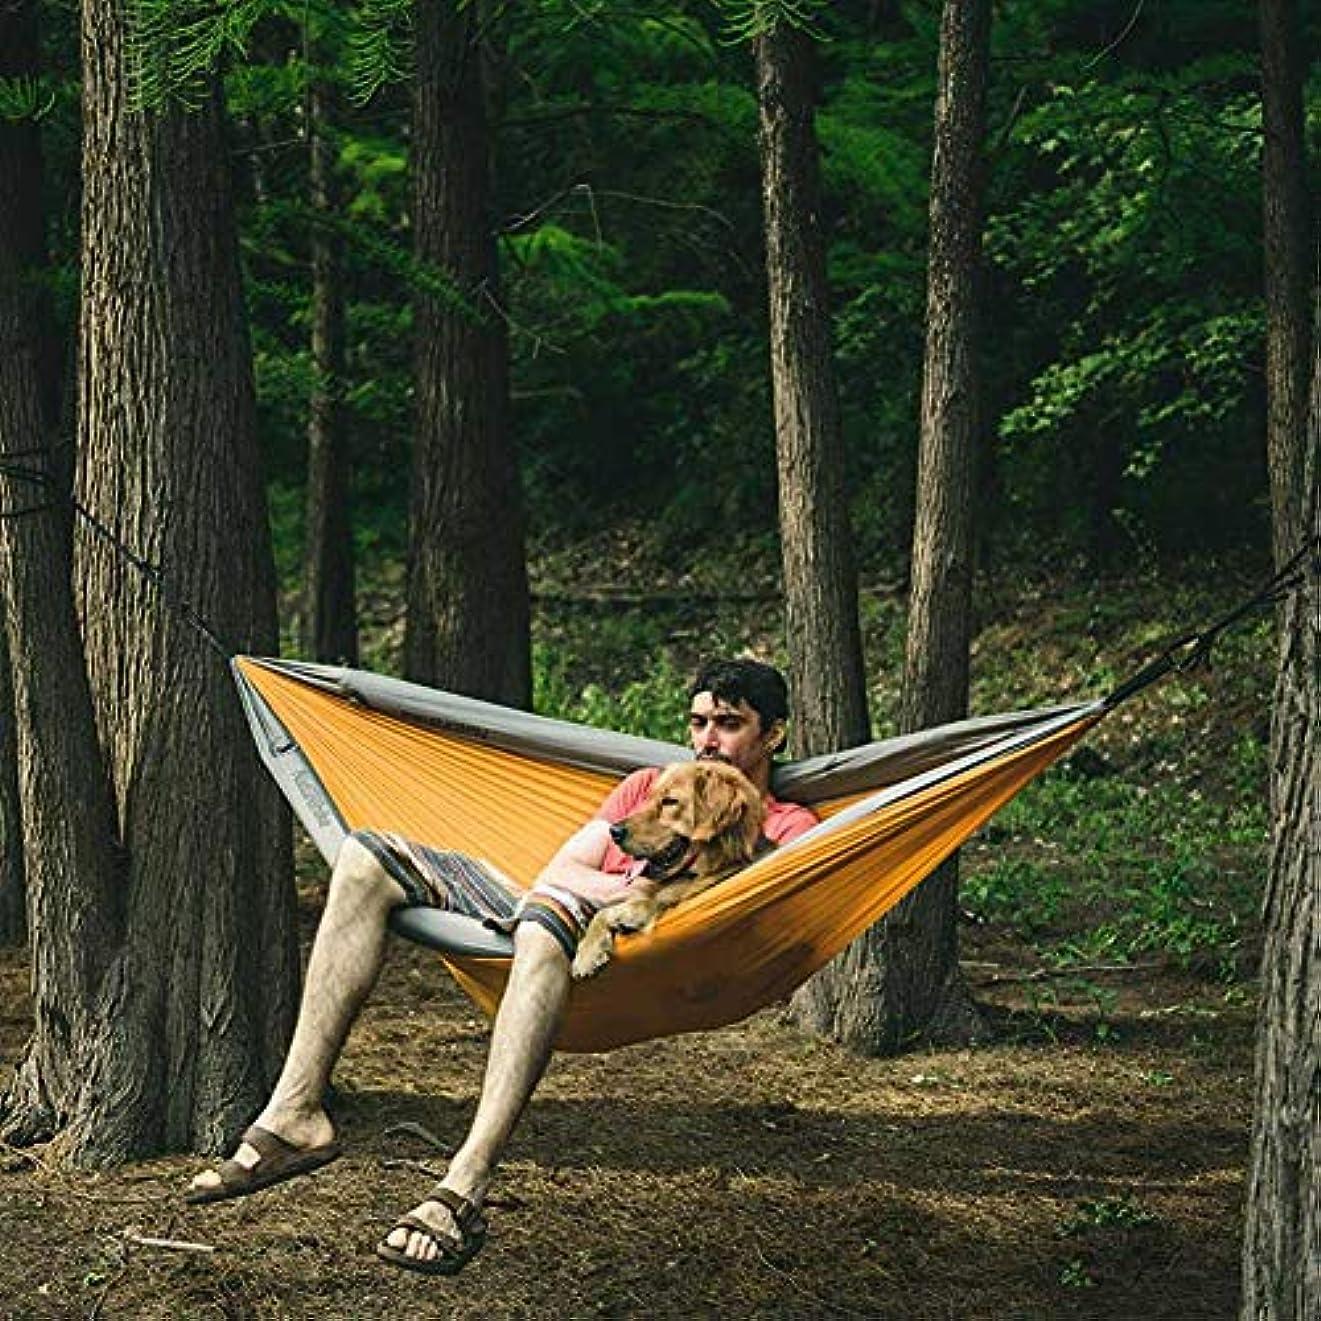 移住するベックスフォーマットハンモック 折畳み 公園 ハイキング 蚊帳付き 軽量 超広い 耐荷重 室内 昼寝 キャンプ用寝具 耐荷重 持ち運びやすい 两人用